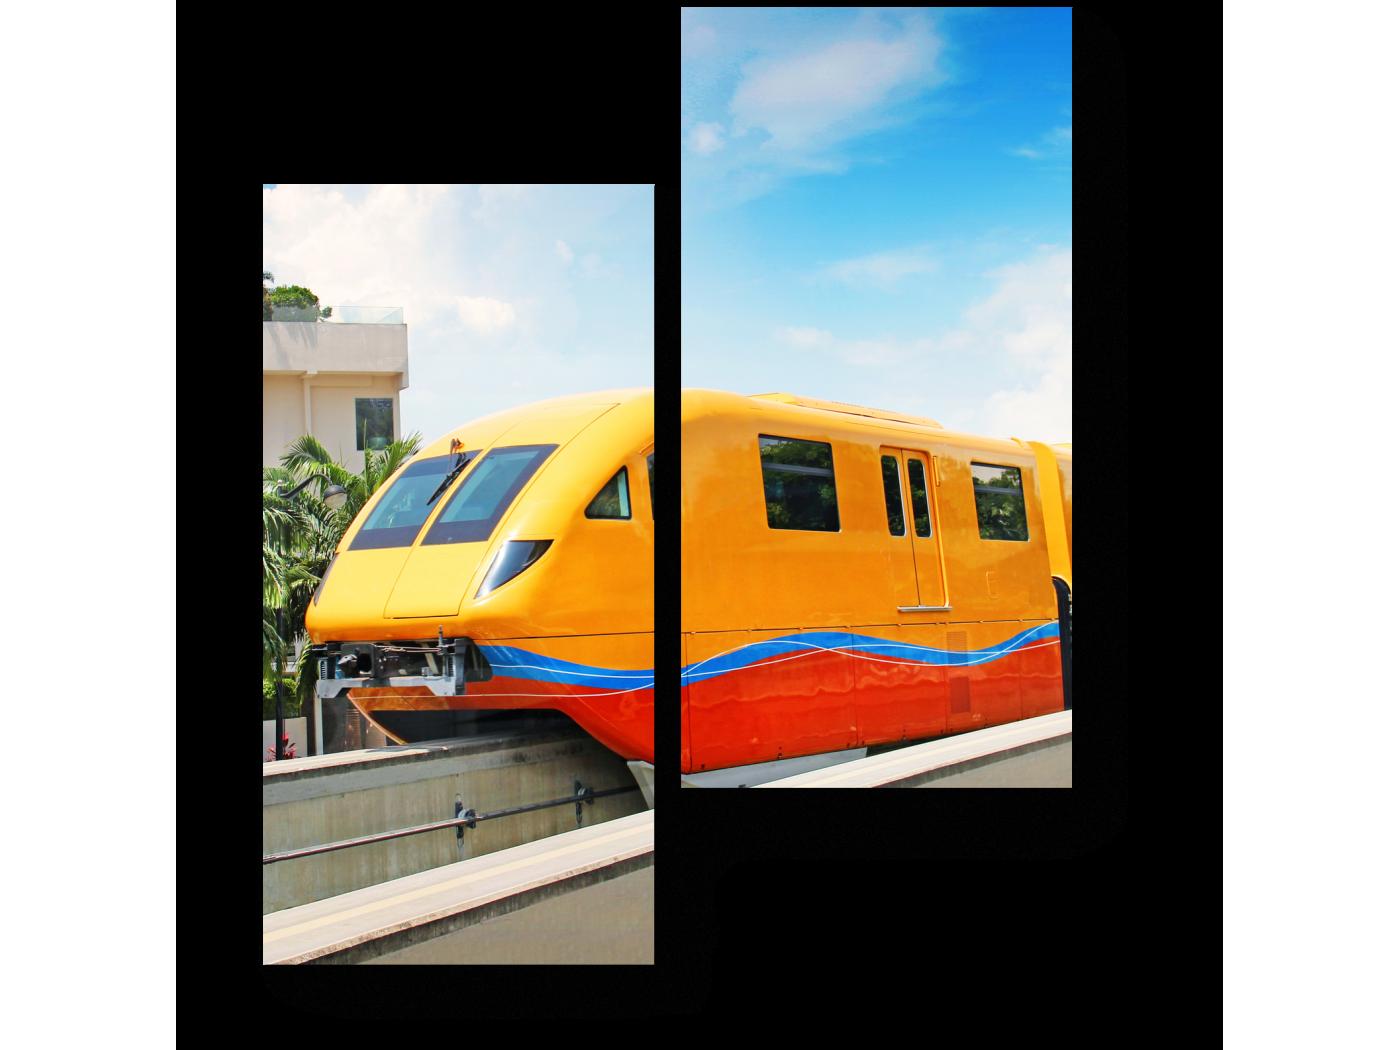 Модульная картина Современный поезд (40x50) фото